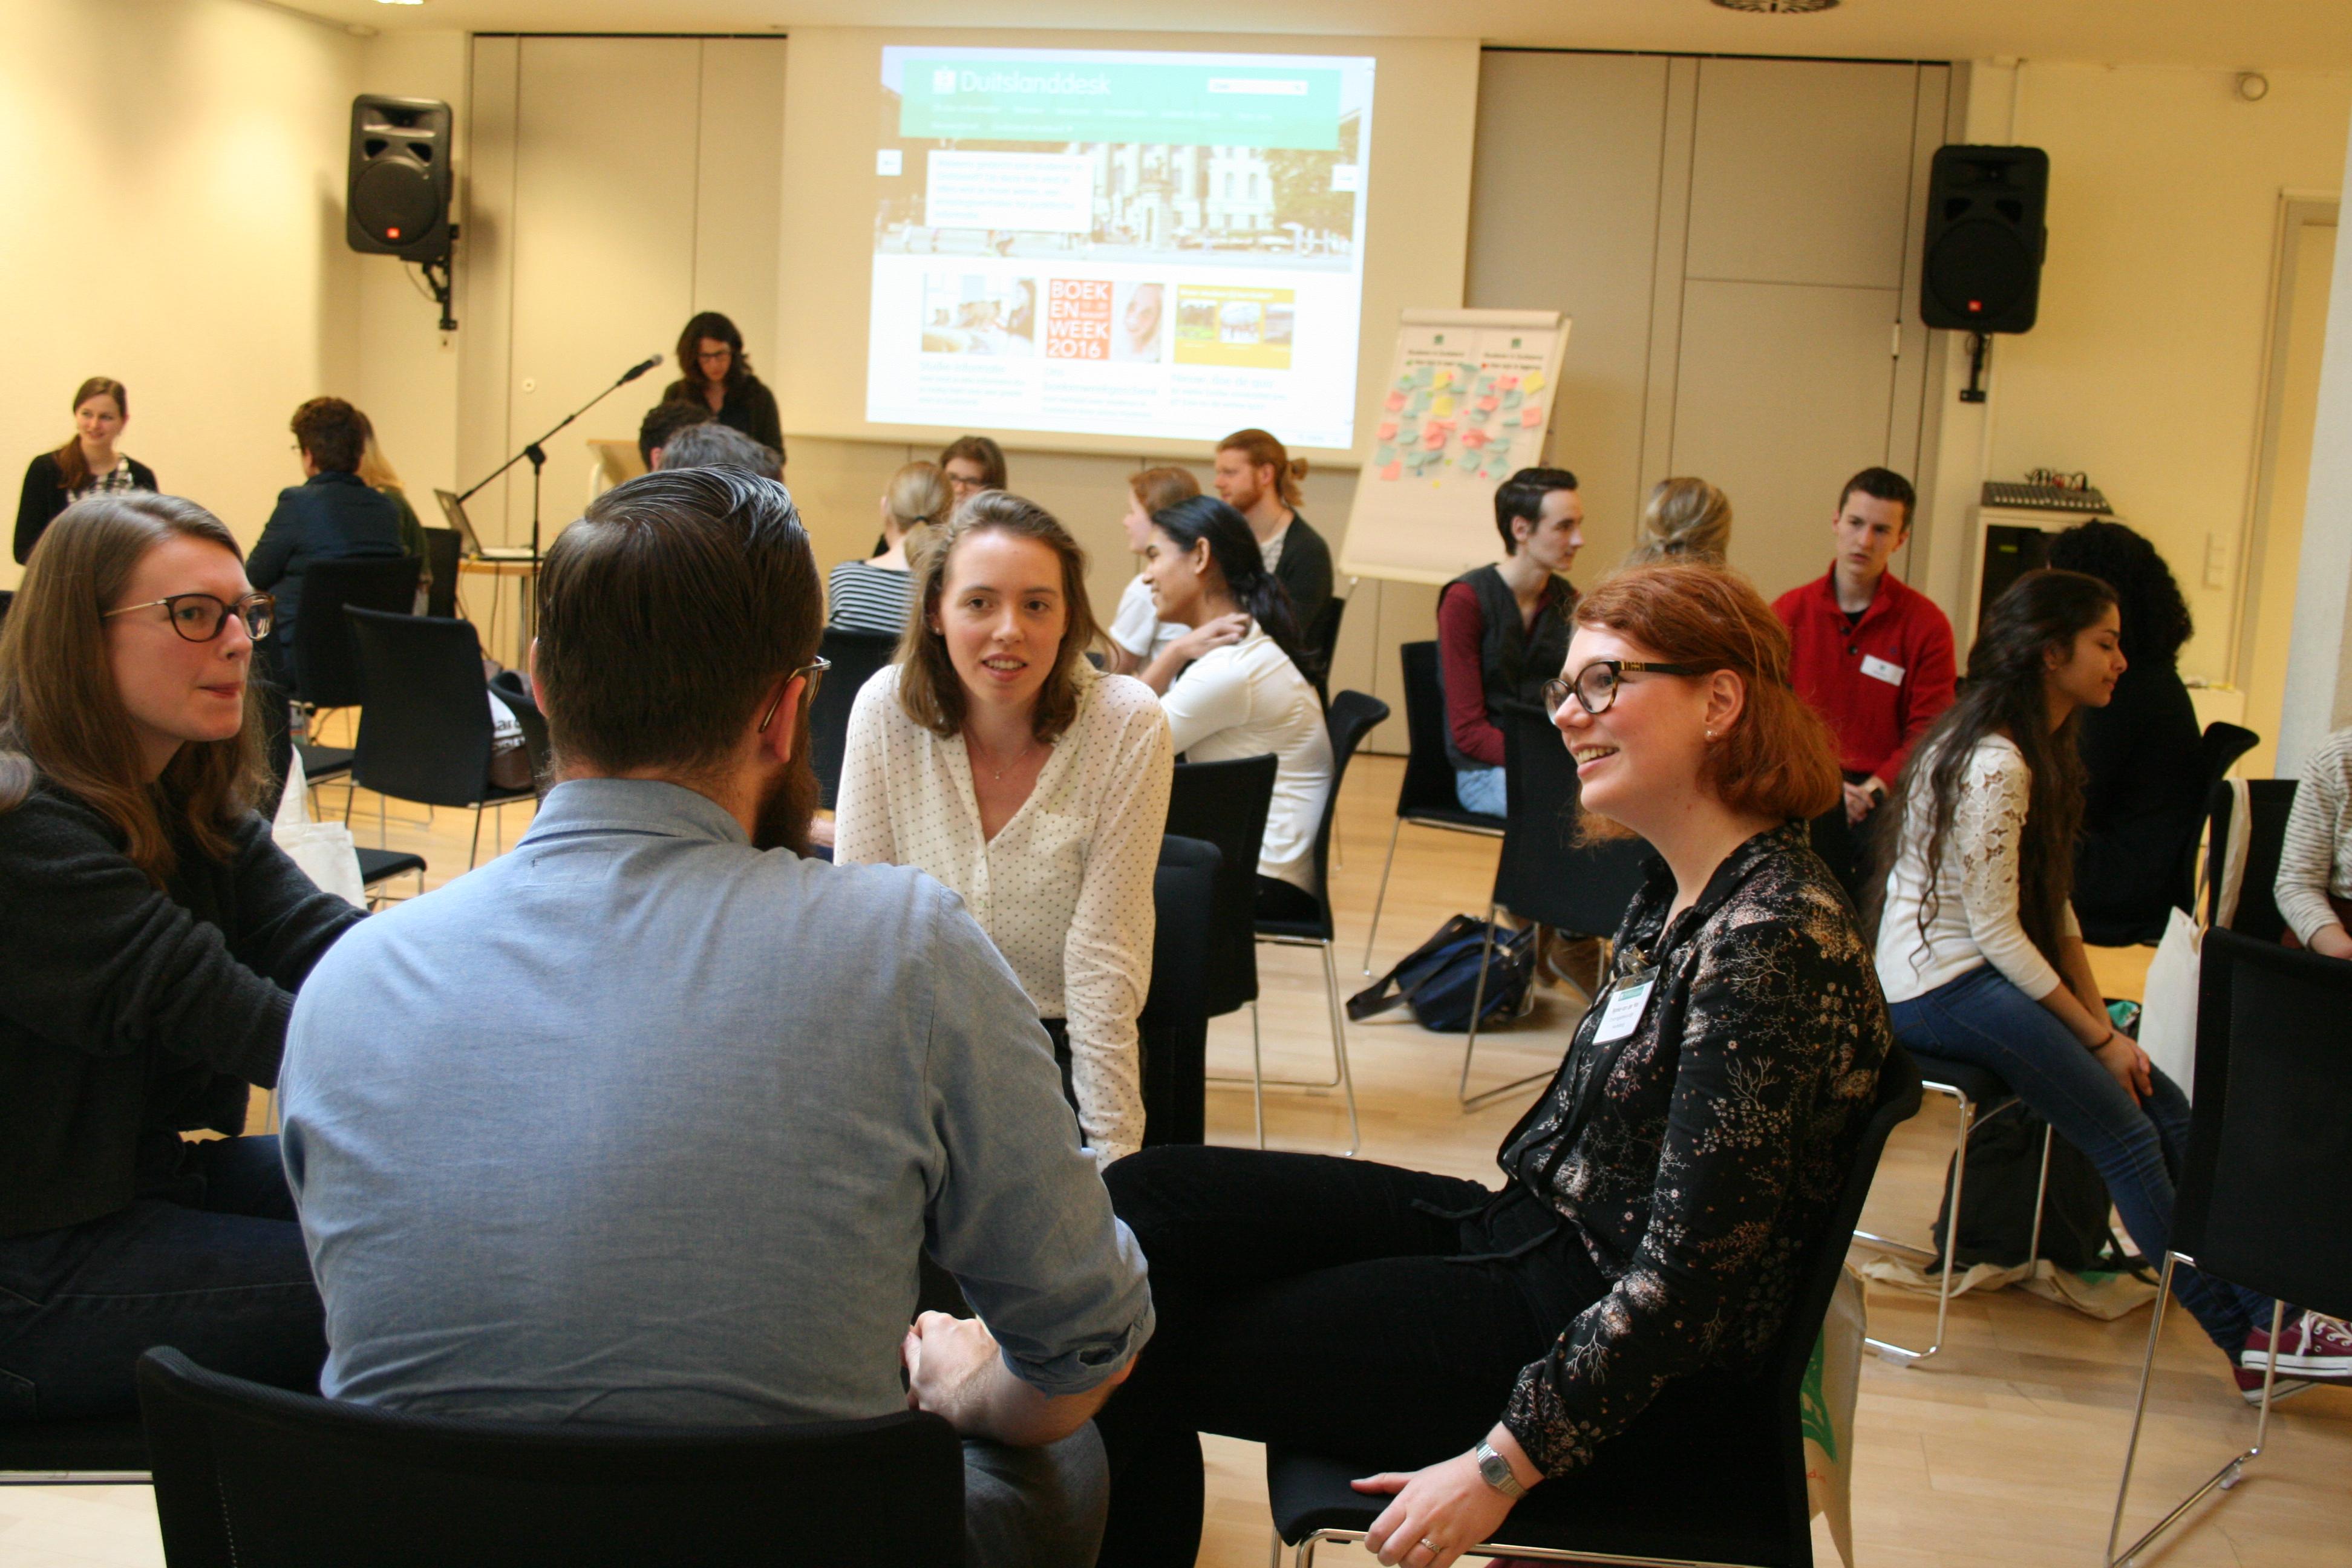 In gesprek met ervaringsdeskundigen tijdens de workshop in maart 2016.